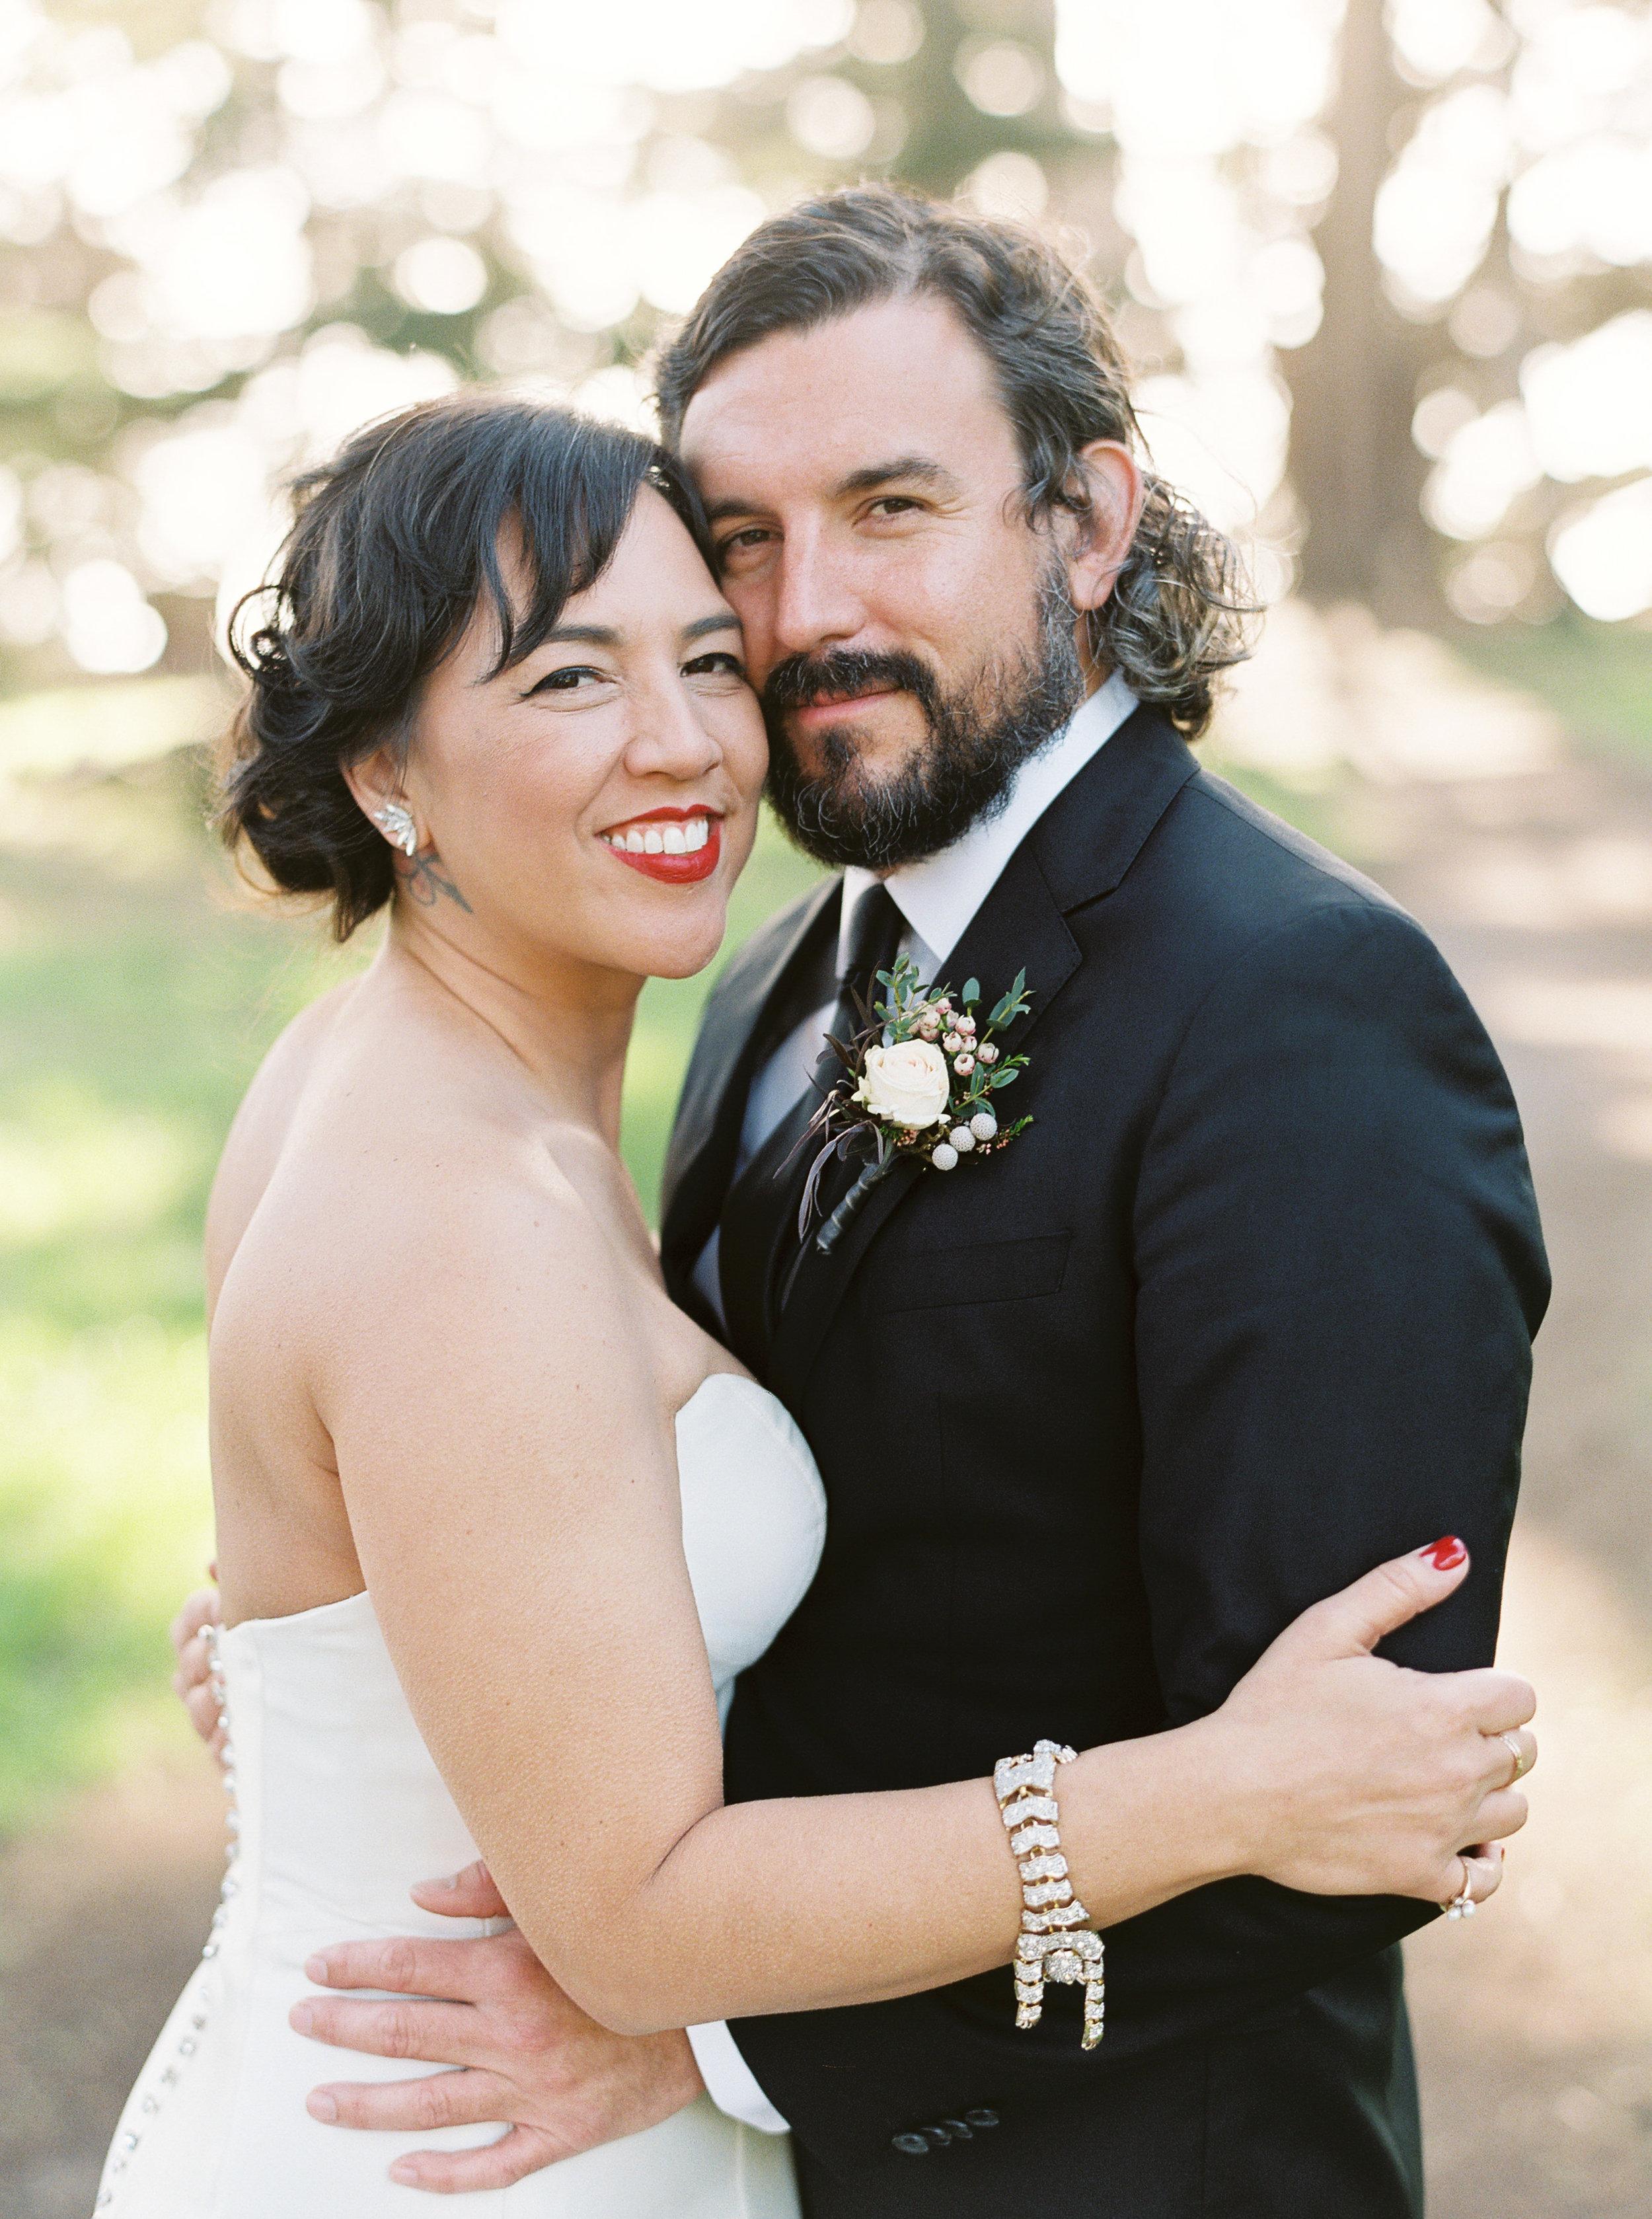 Mavericks-event-center-wedding-in-half-moon-bay-california520.jpg